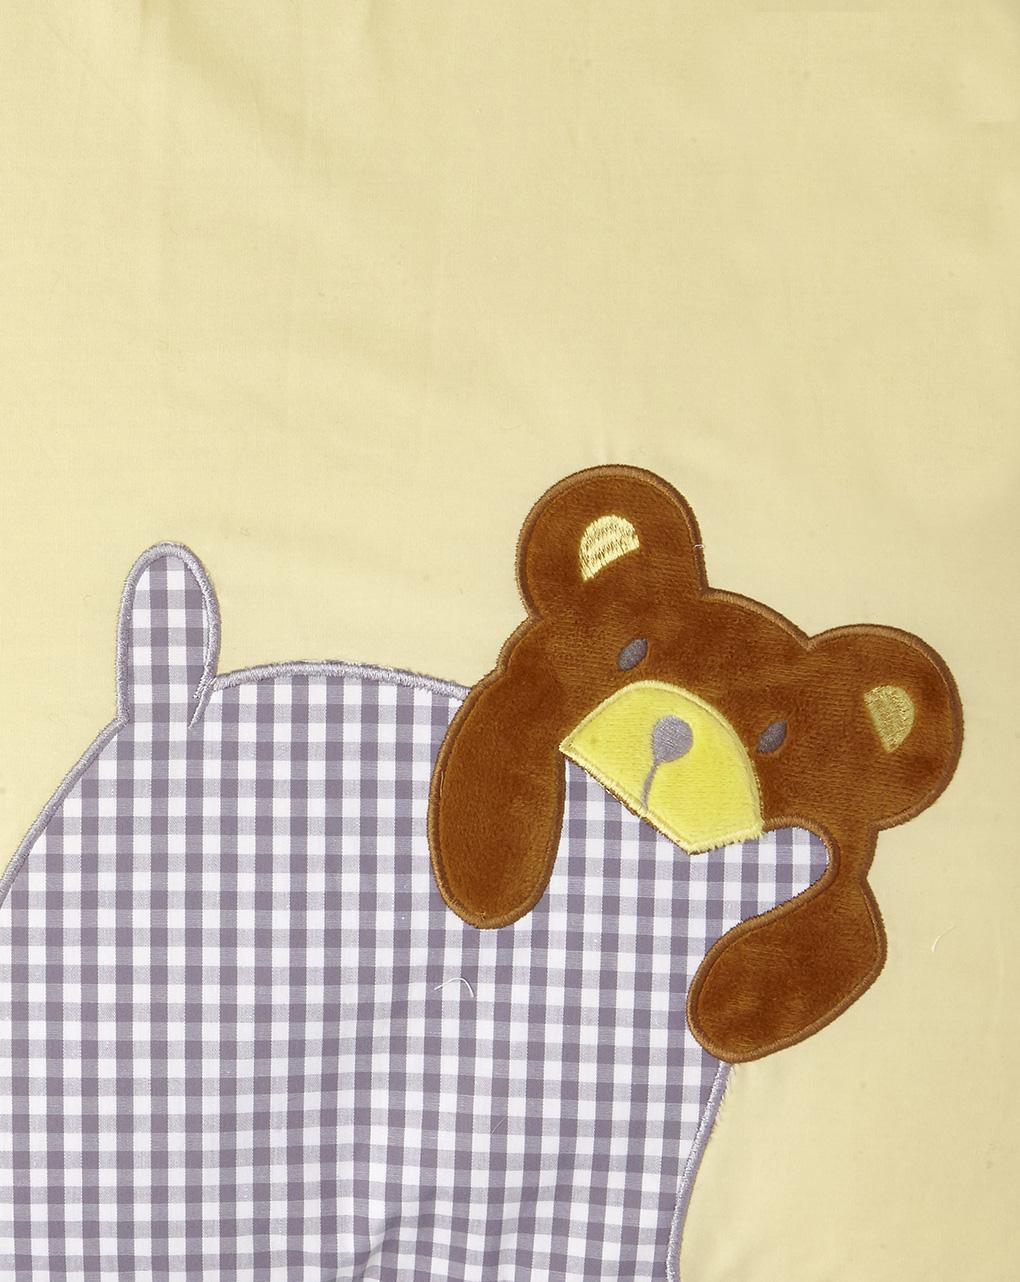 Letto - paracolpi giallo con animaletti e stampa vichy - Prénatal